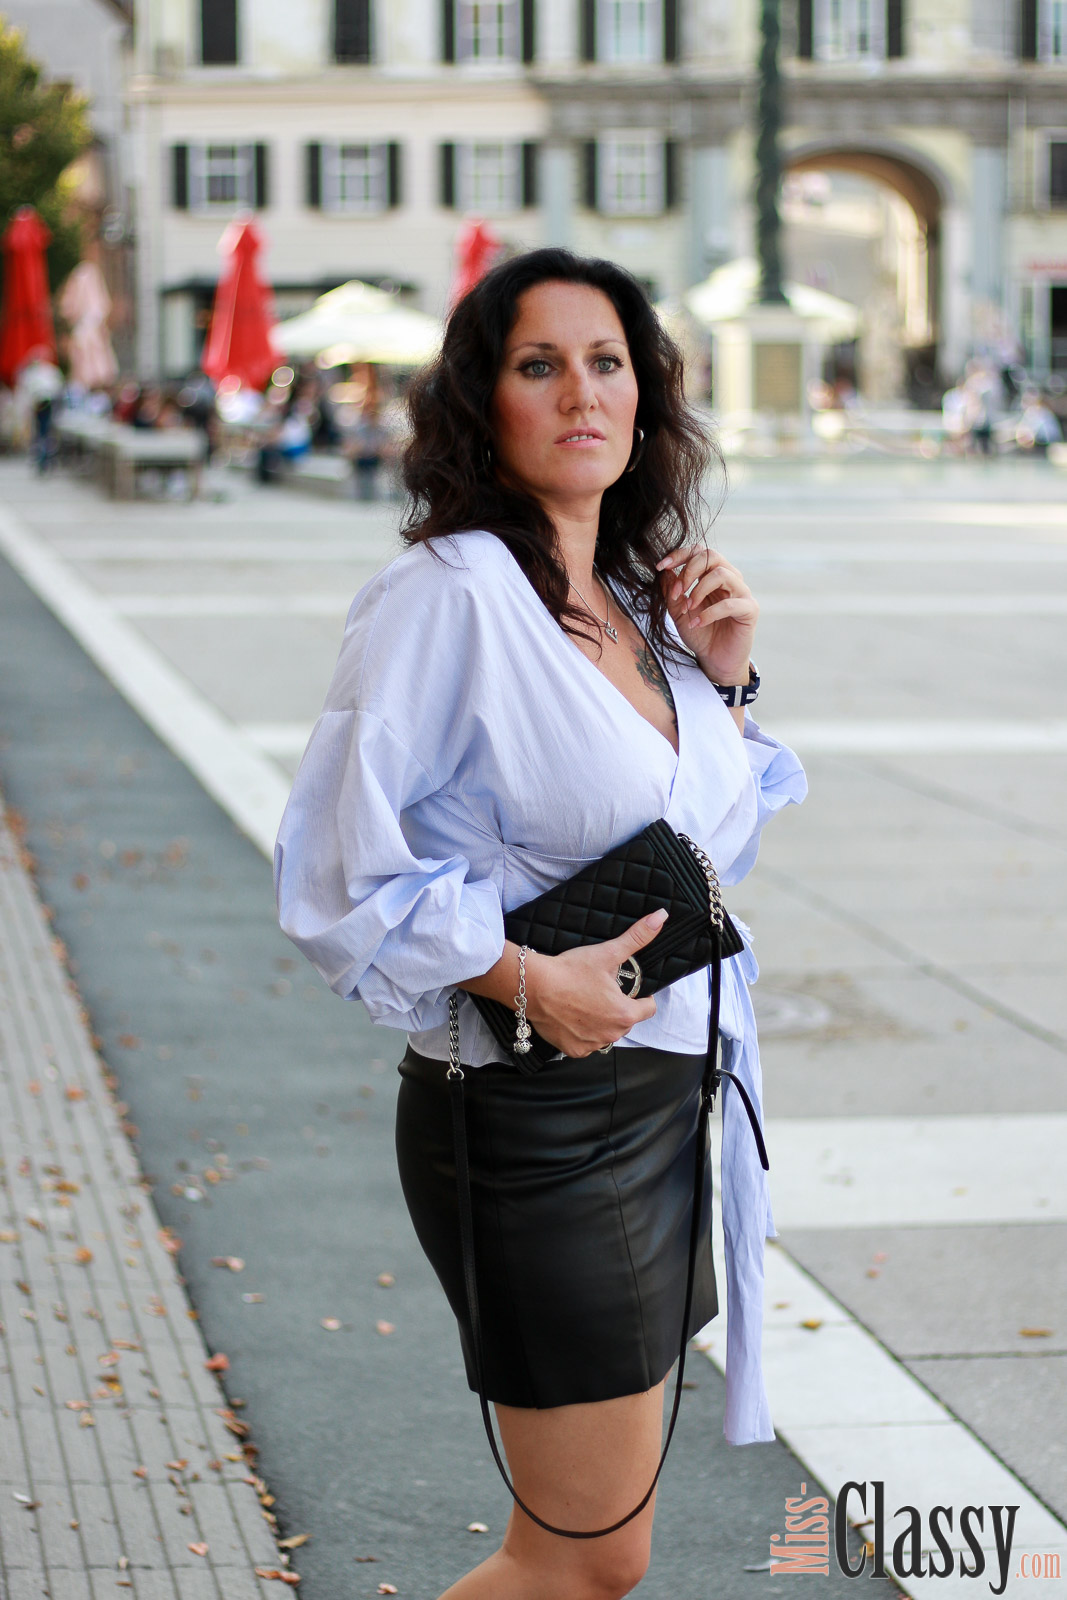 OUTFIT: Lederrock und blau-weiß gestreifte Wickelbluse - 4Stylez4U, Miss Classy, Fashion Blog, Lifestyle Blog, Blogger Graz, classy, Lederrock, blau-weiße Wickelbluse von H&M, Herbstmode